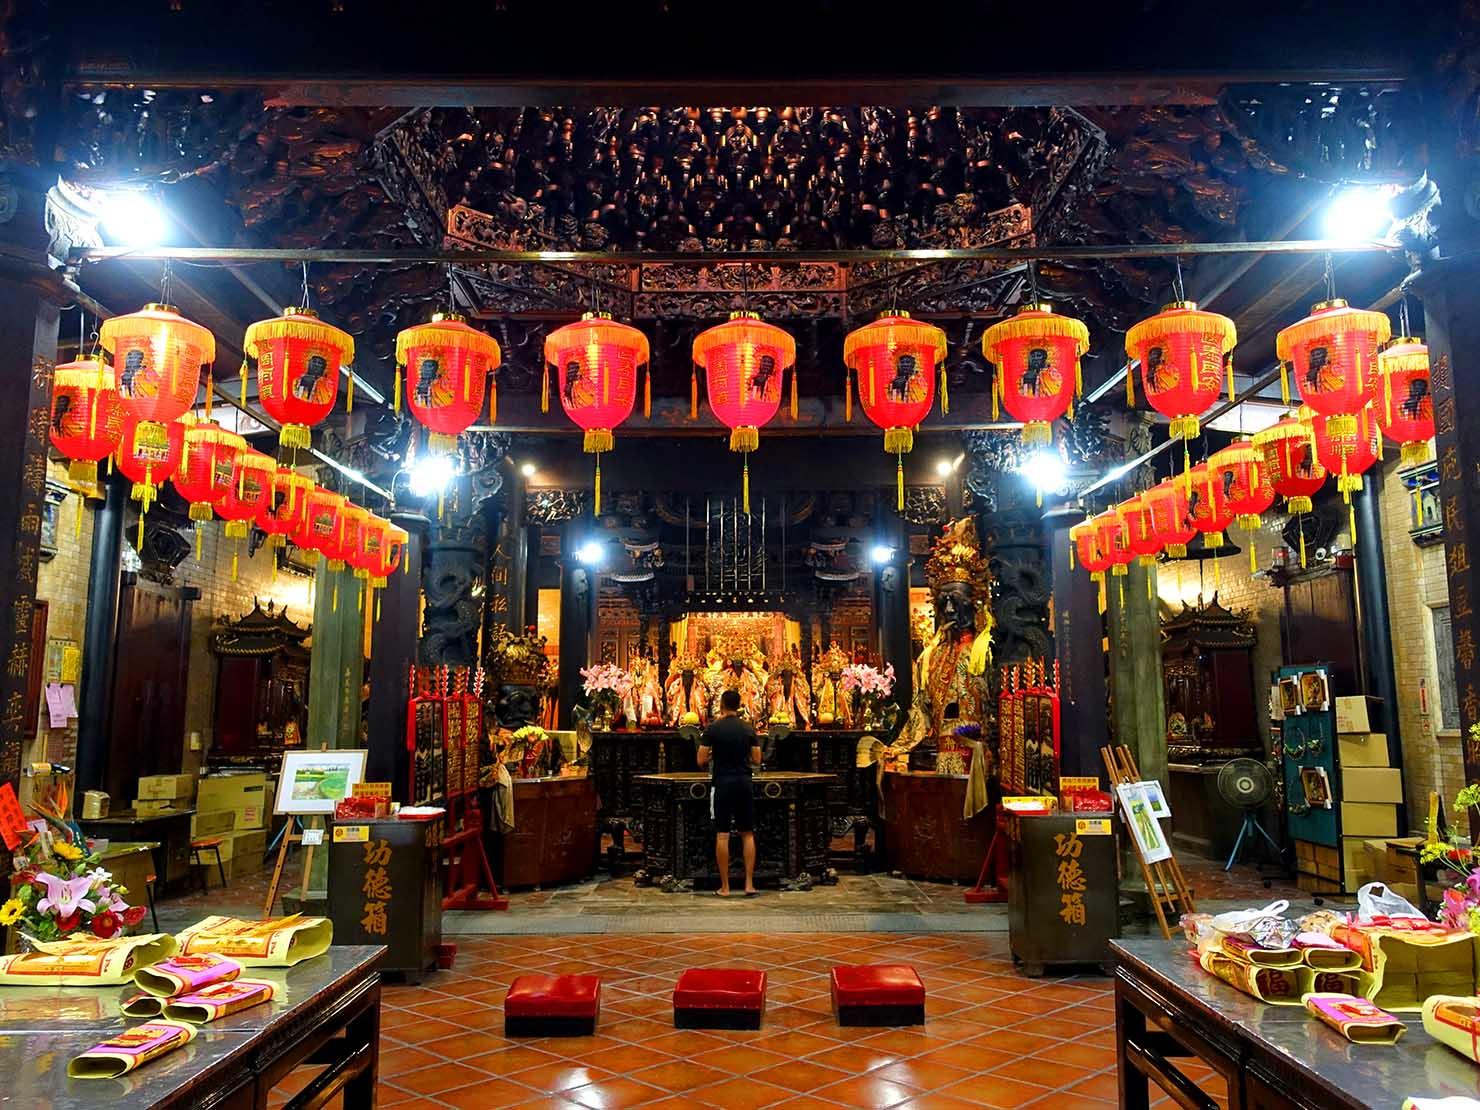 嘉義のおすすめ観光スポット「嘉義城隍廟」の正殿